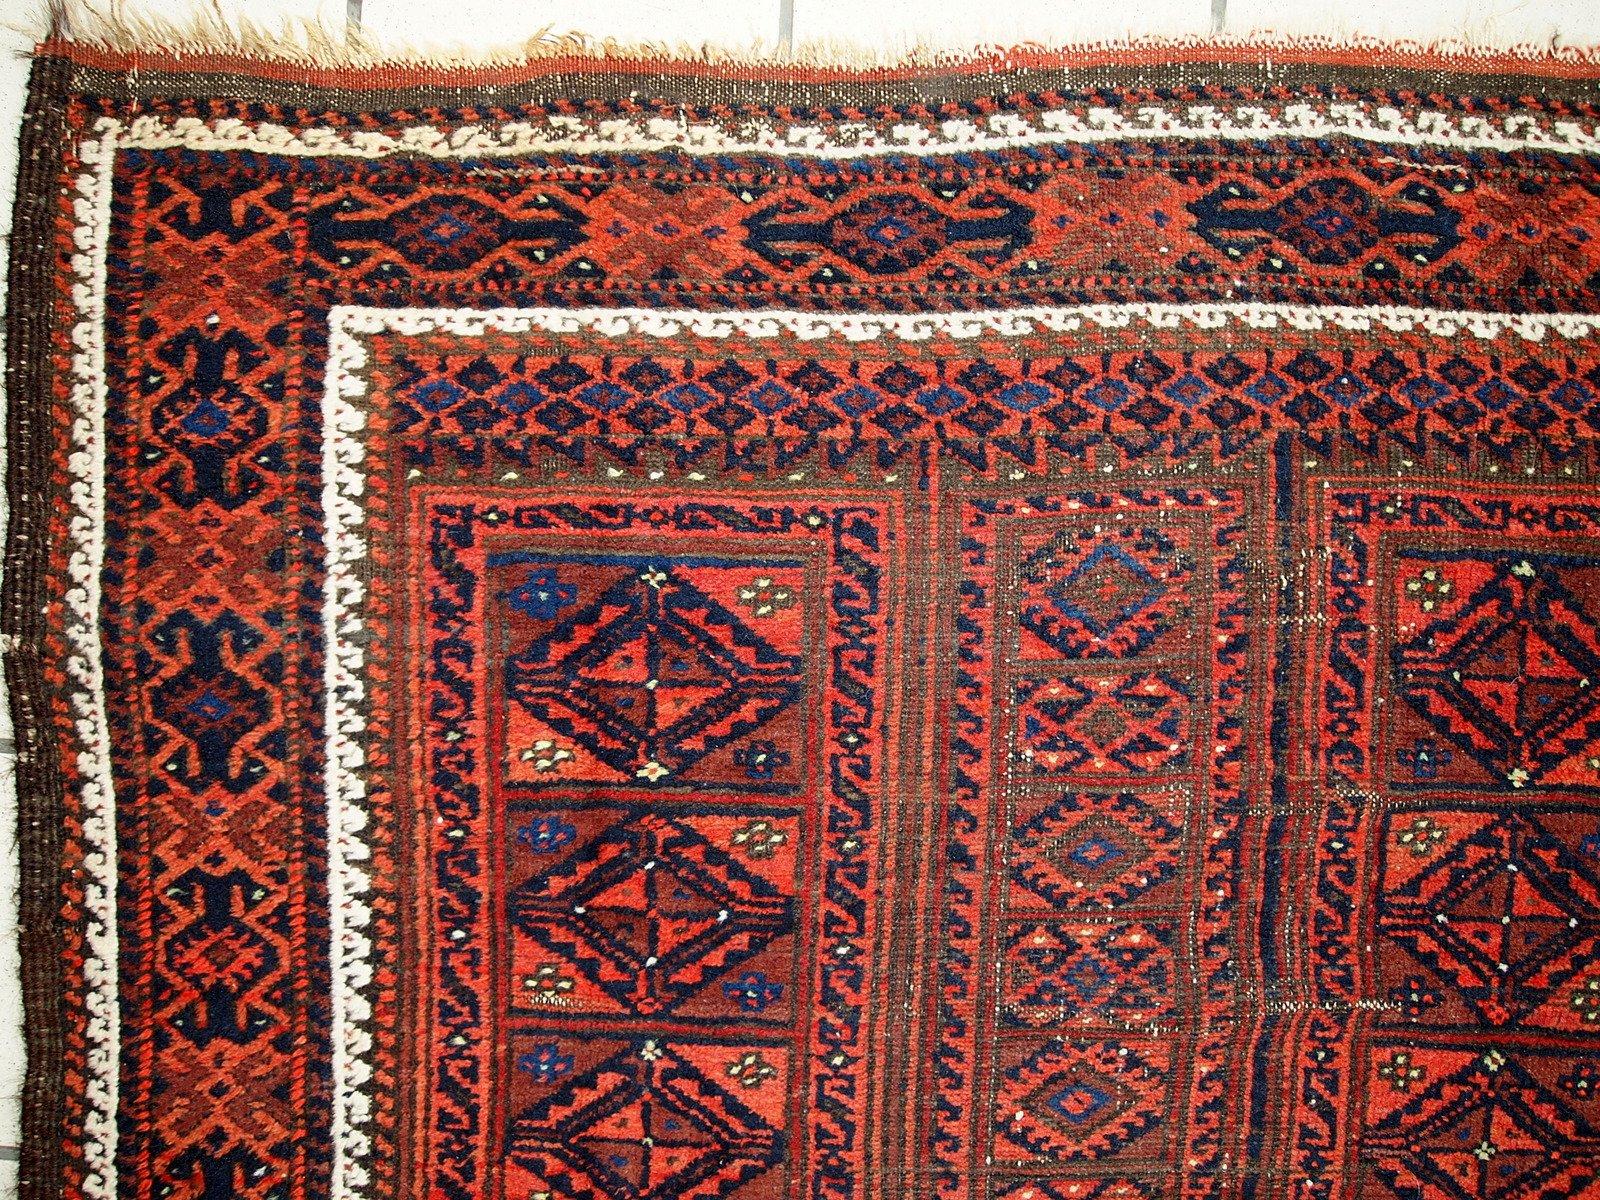 tapis baluch antique fait main afghanistan 1900s en vente sur pamono. Black Bedroom Furniture Sets. Home Design Ideas